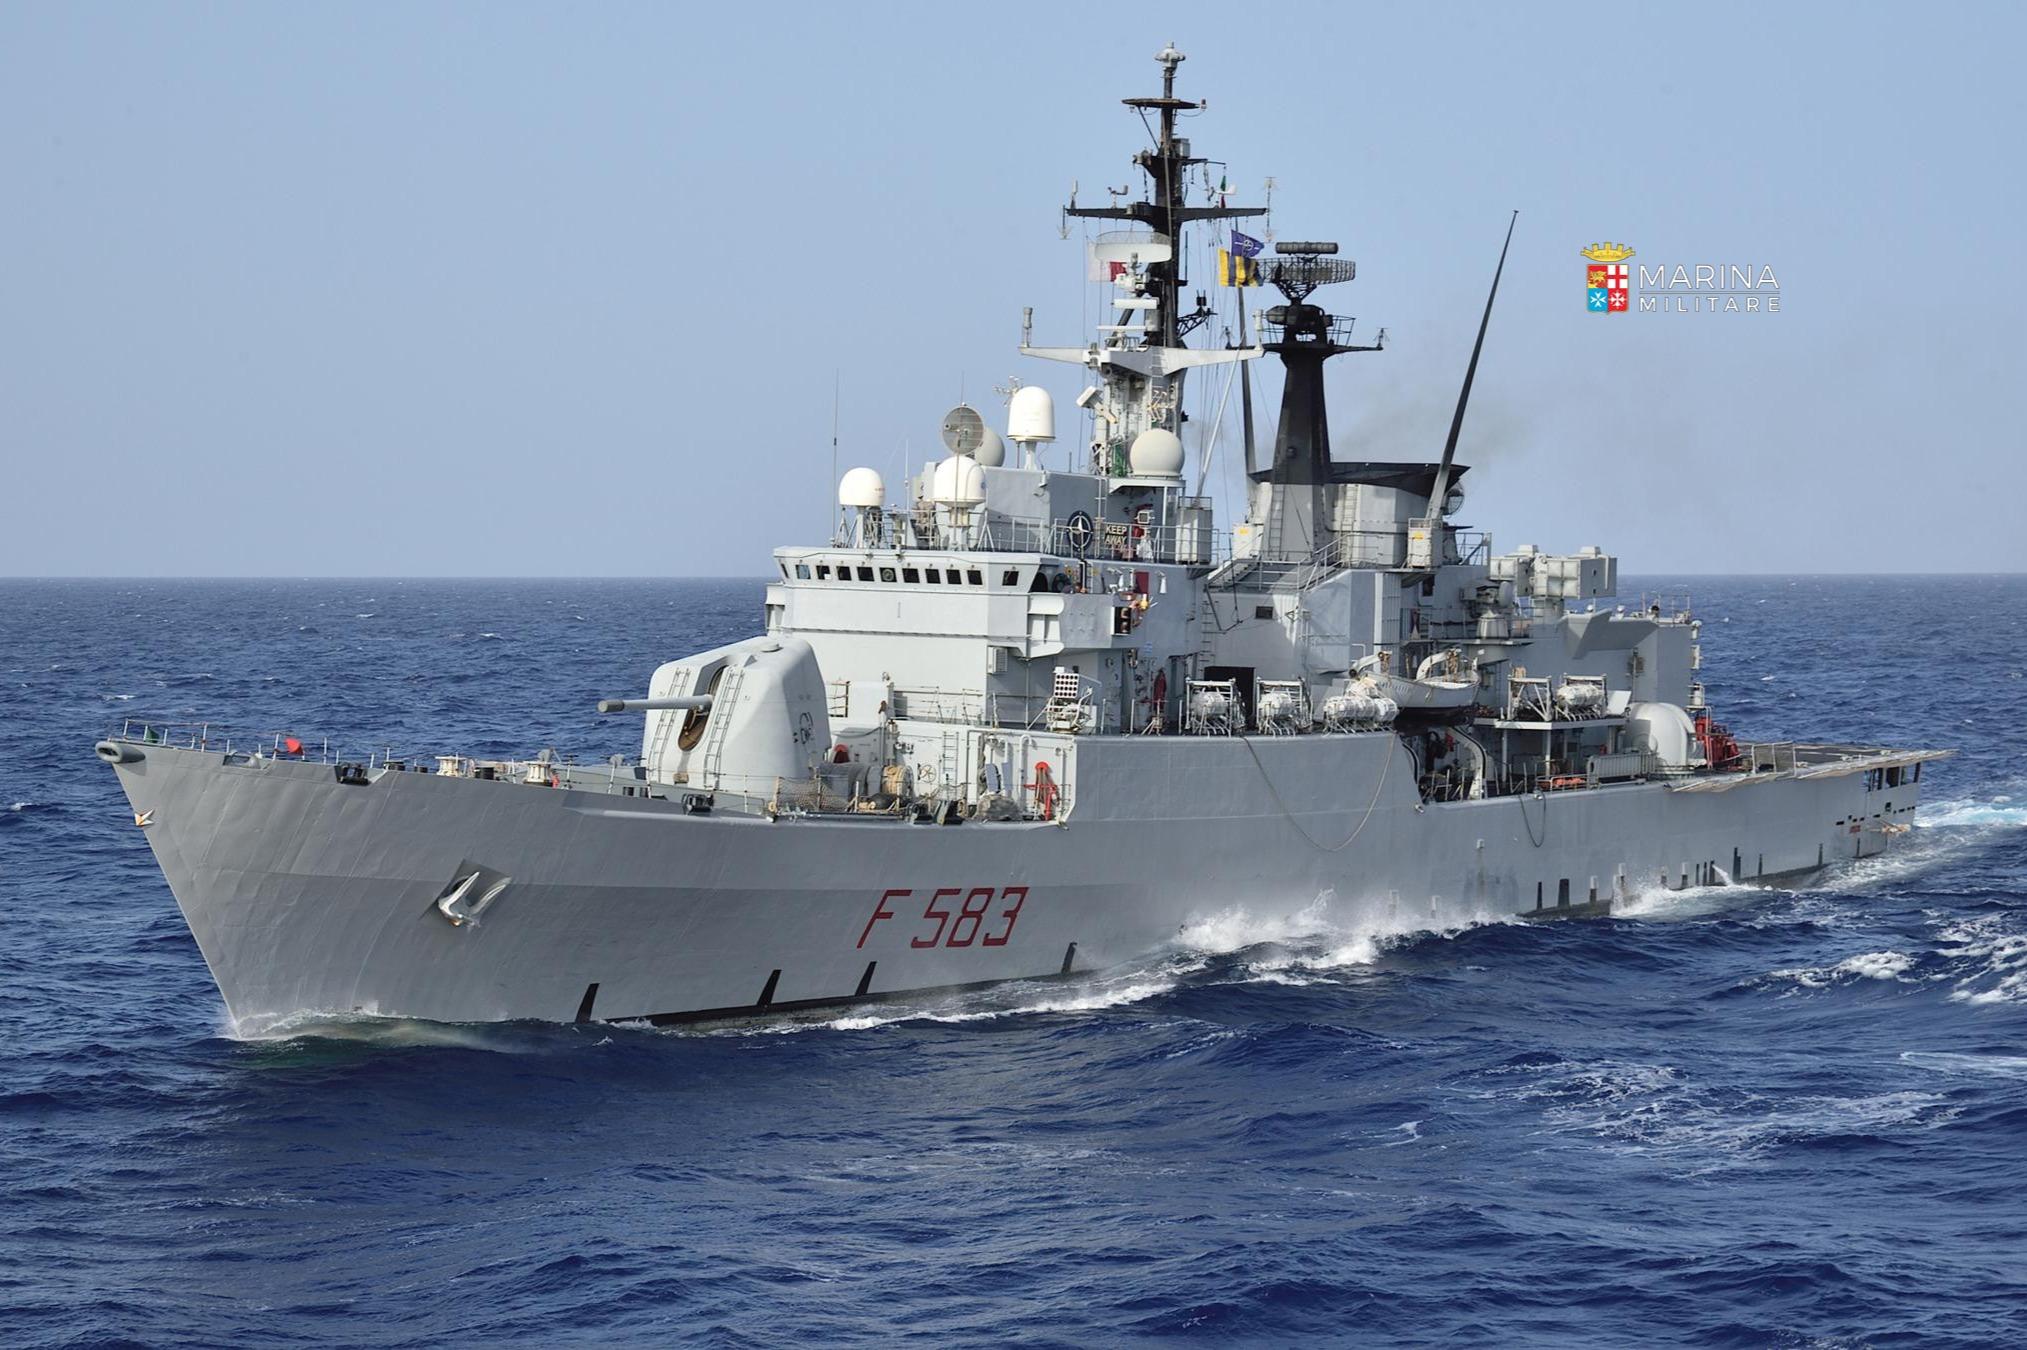 La Marina Militare confessa: l'amianto è ancora presente nelle navi militari